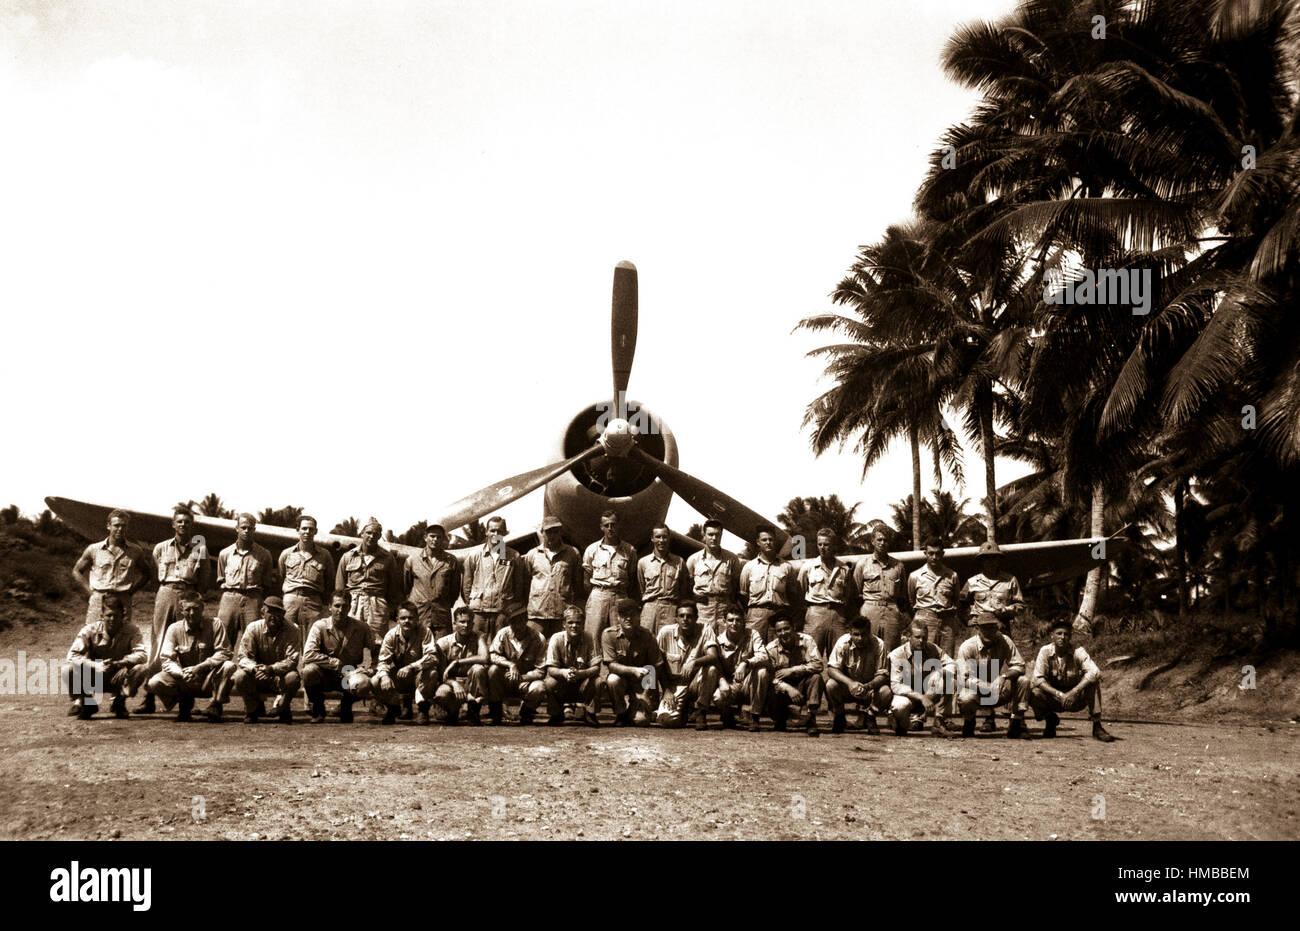 VMF-214 sur la bande de chasseurs de la Baie aux Tortues, Espiritu Santo, Nouvelles Hébrides. VMF-214 pose Photo Stock